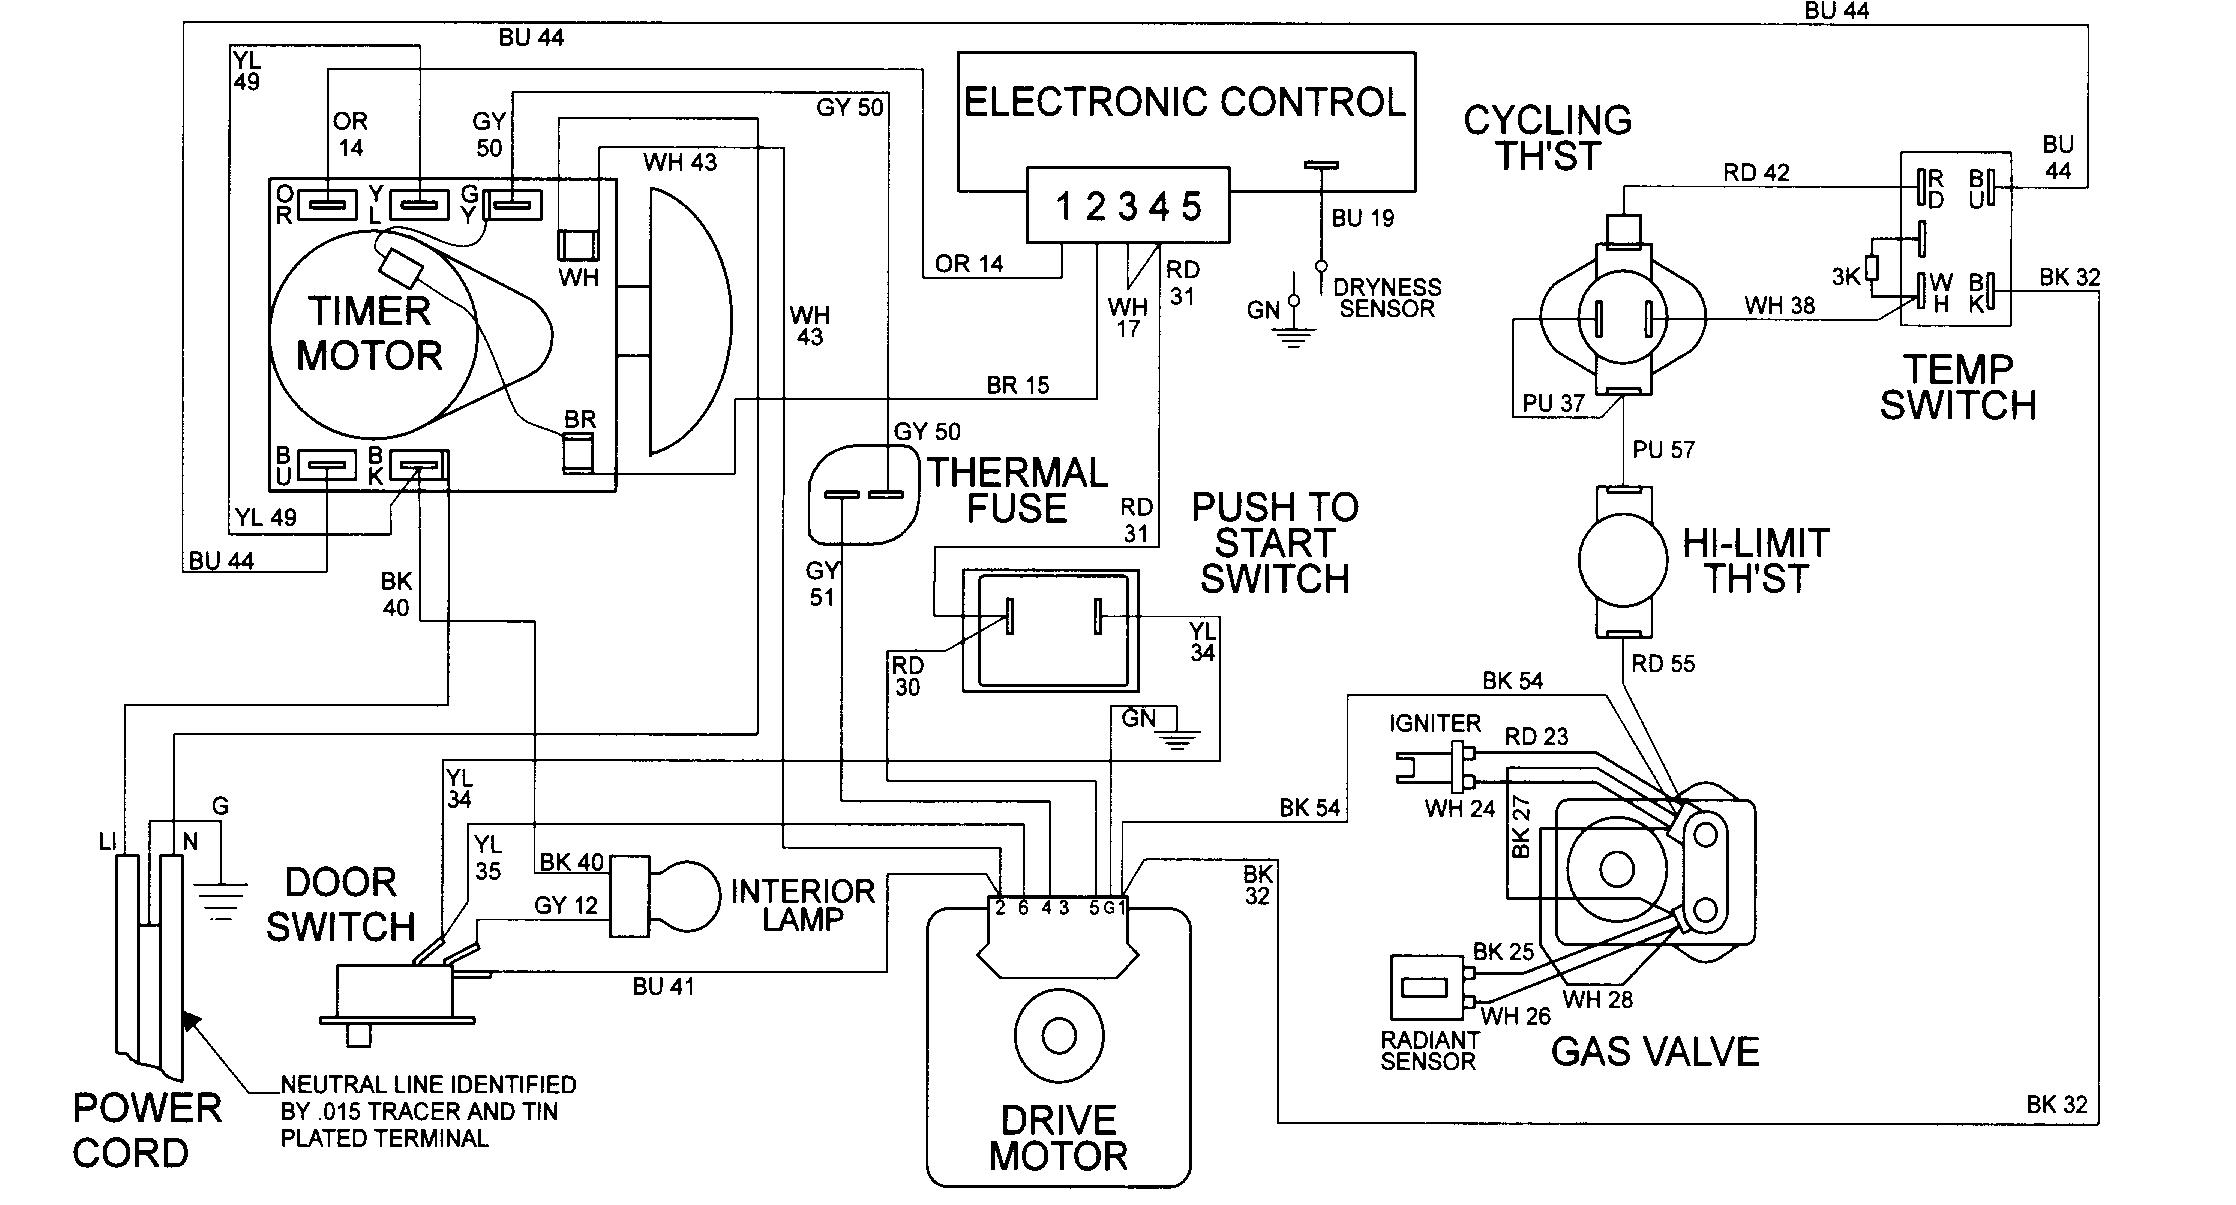 Sm 3214 Wire Dryer Wiring Diagram On Dryer Parts Wiring Diagram Schematic Wiring